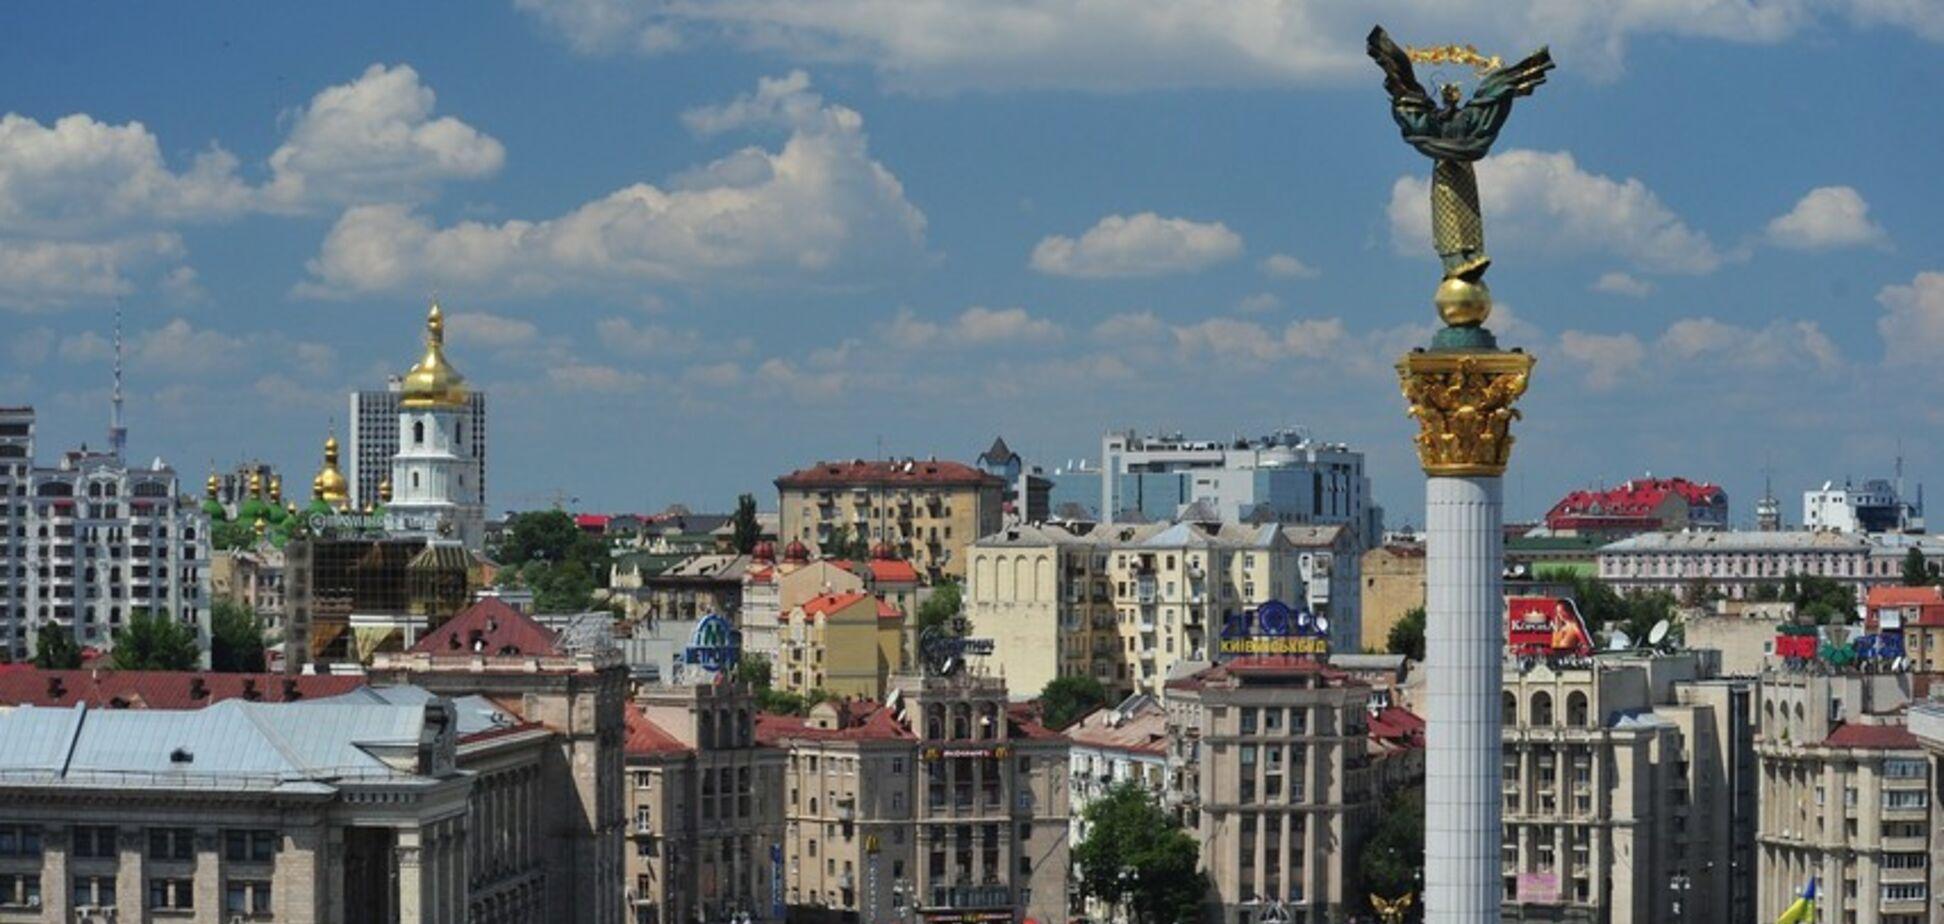 Як я мріяла про той Київ! Для мене це був як Нью-Йорк